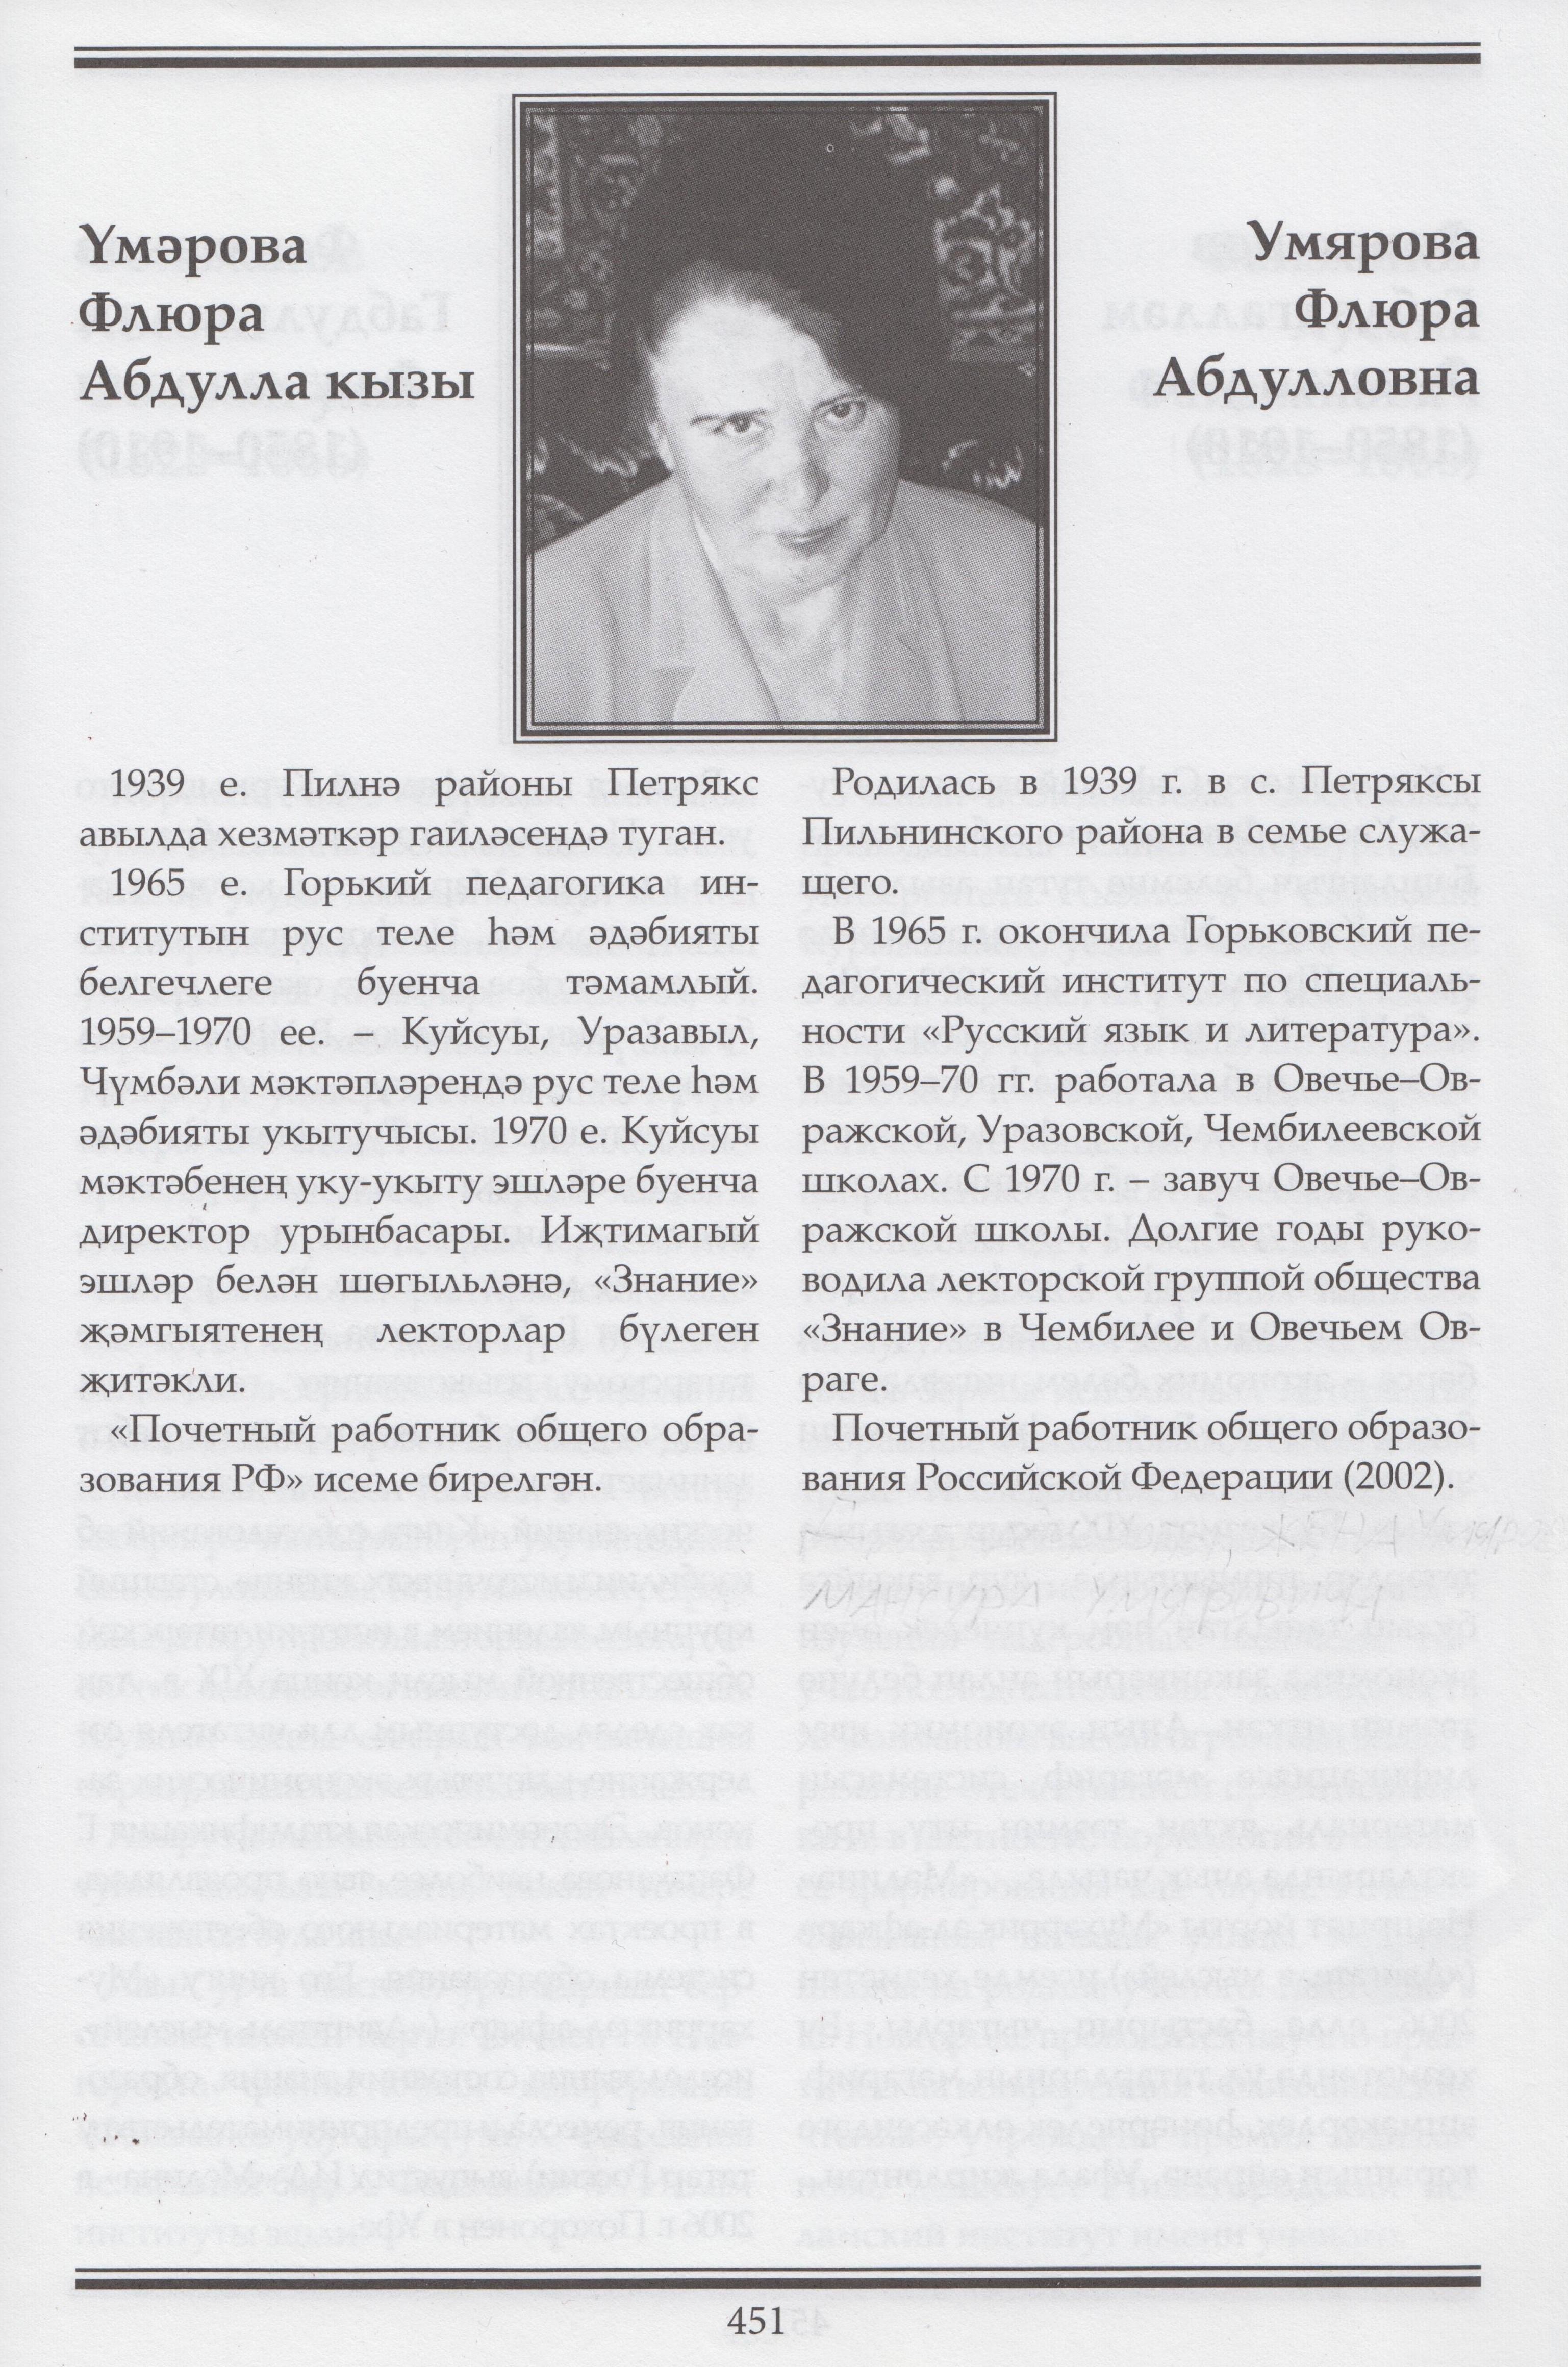 Умярова Флюра Абдулла кызы